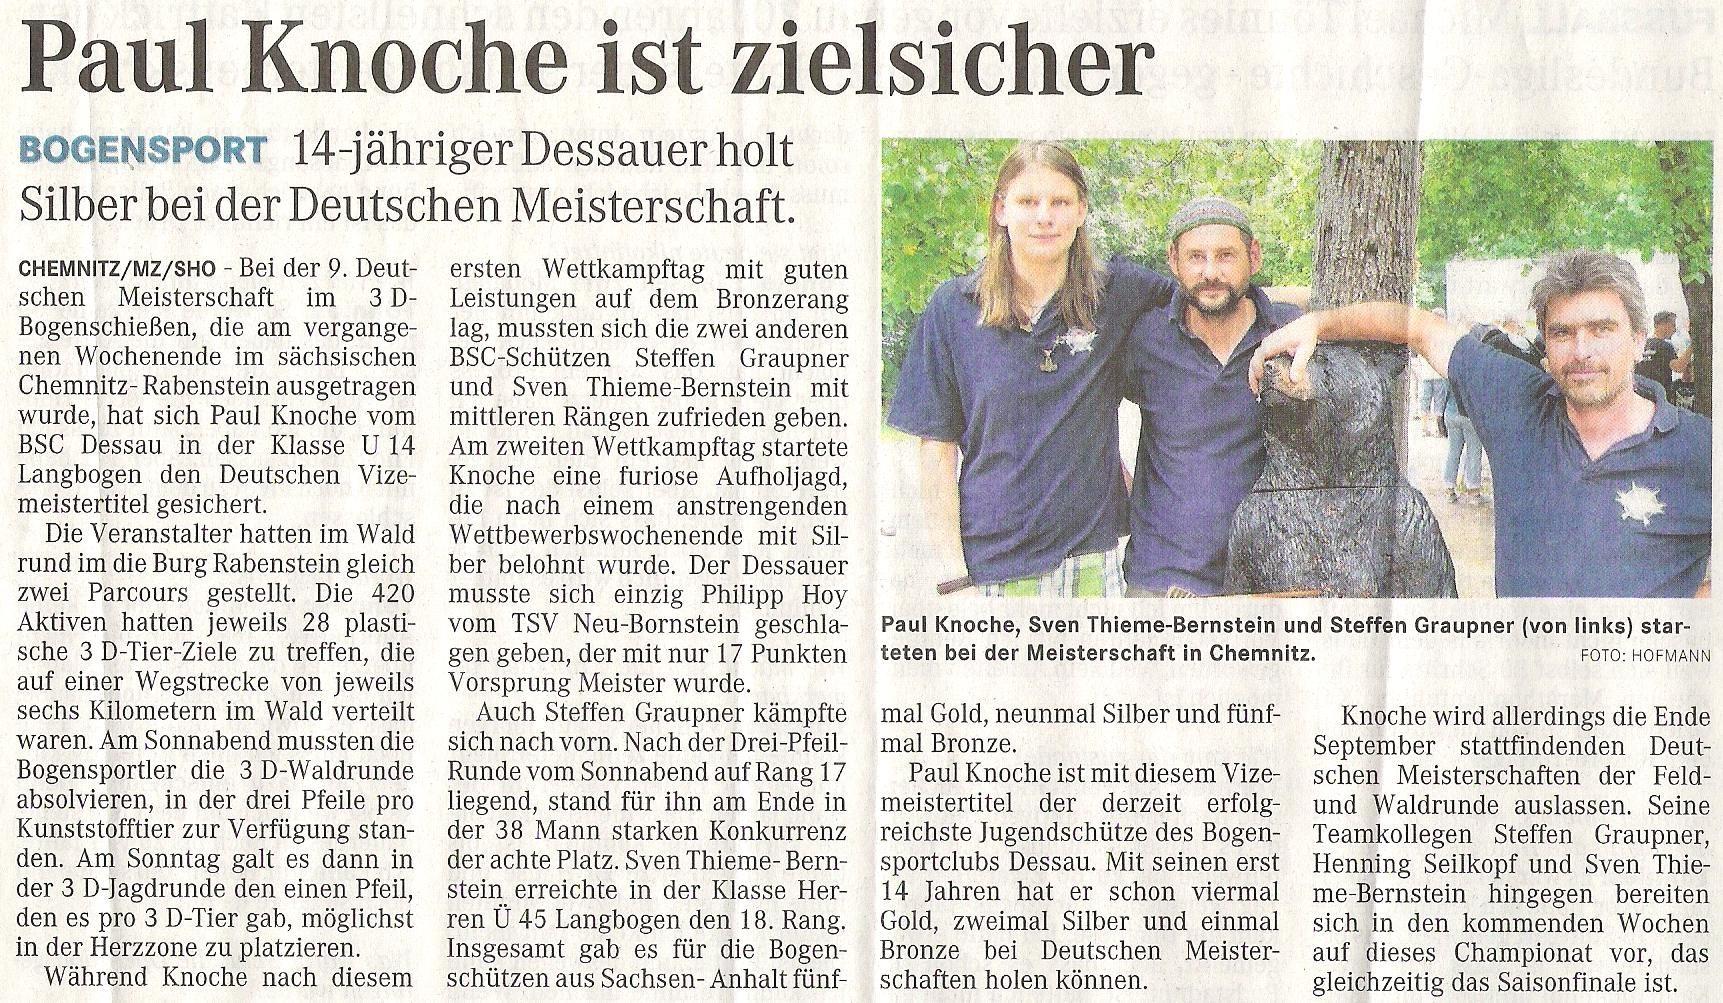 DM 3D in Chemnitz – Mitteldeutsche Zeitung vom 24.08.2011